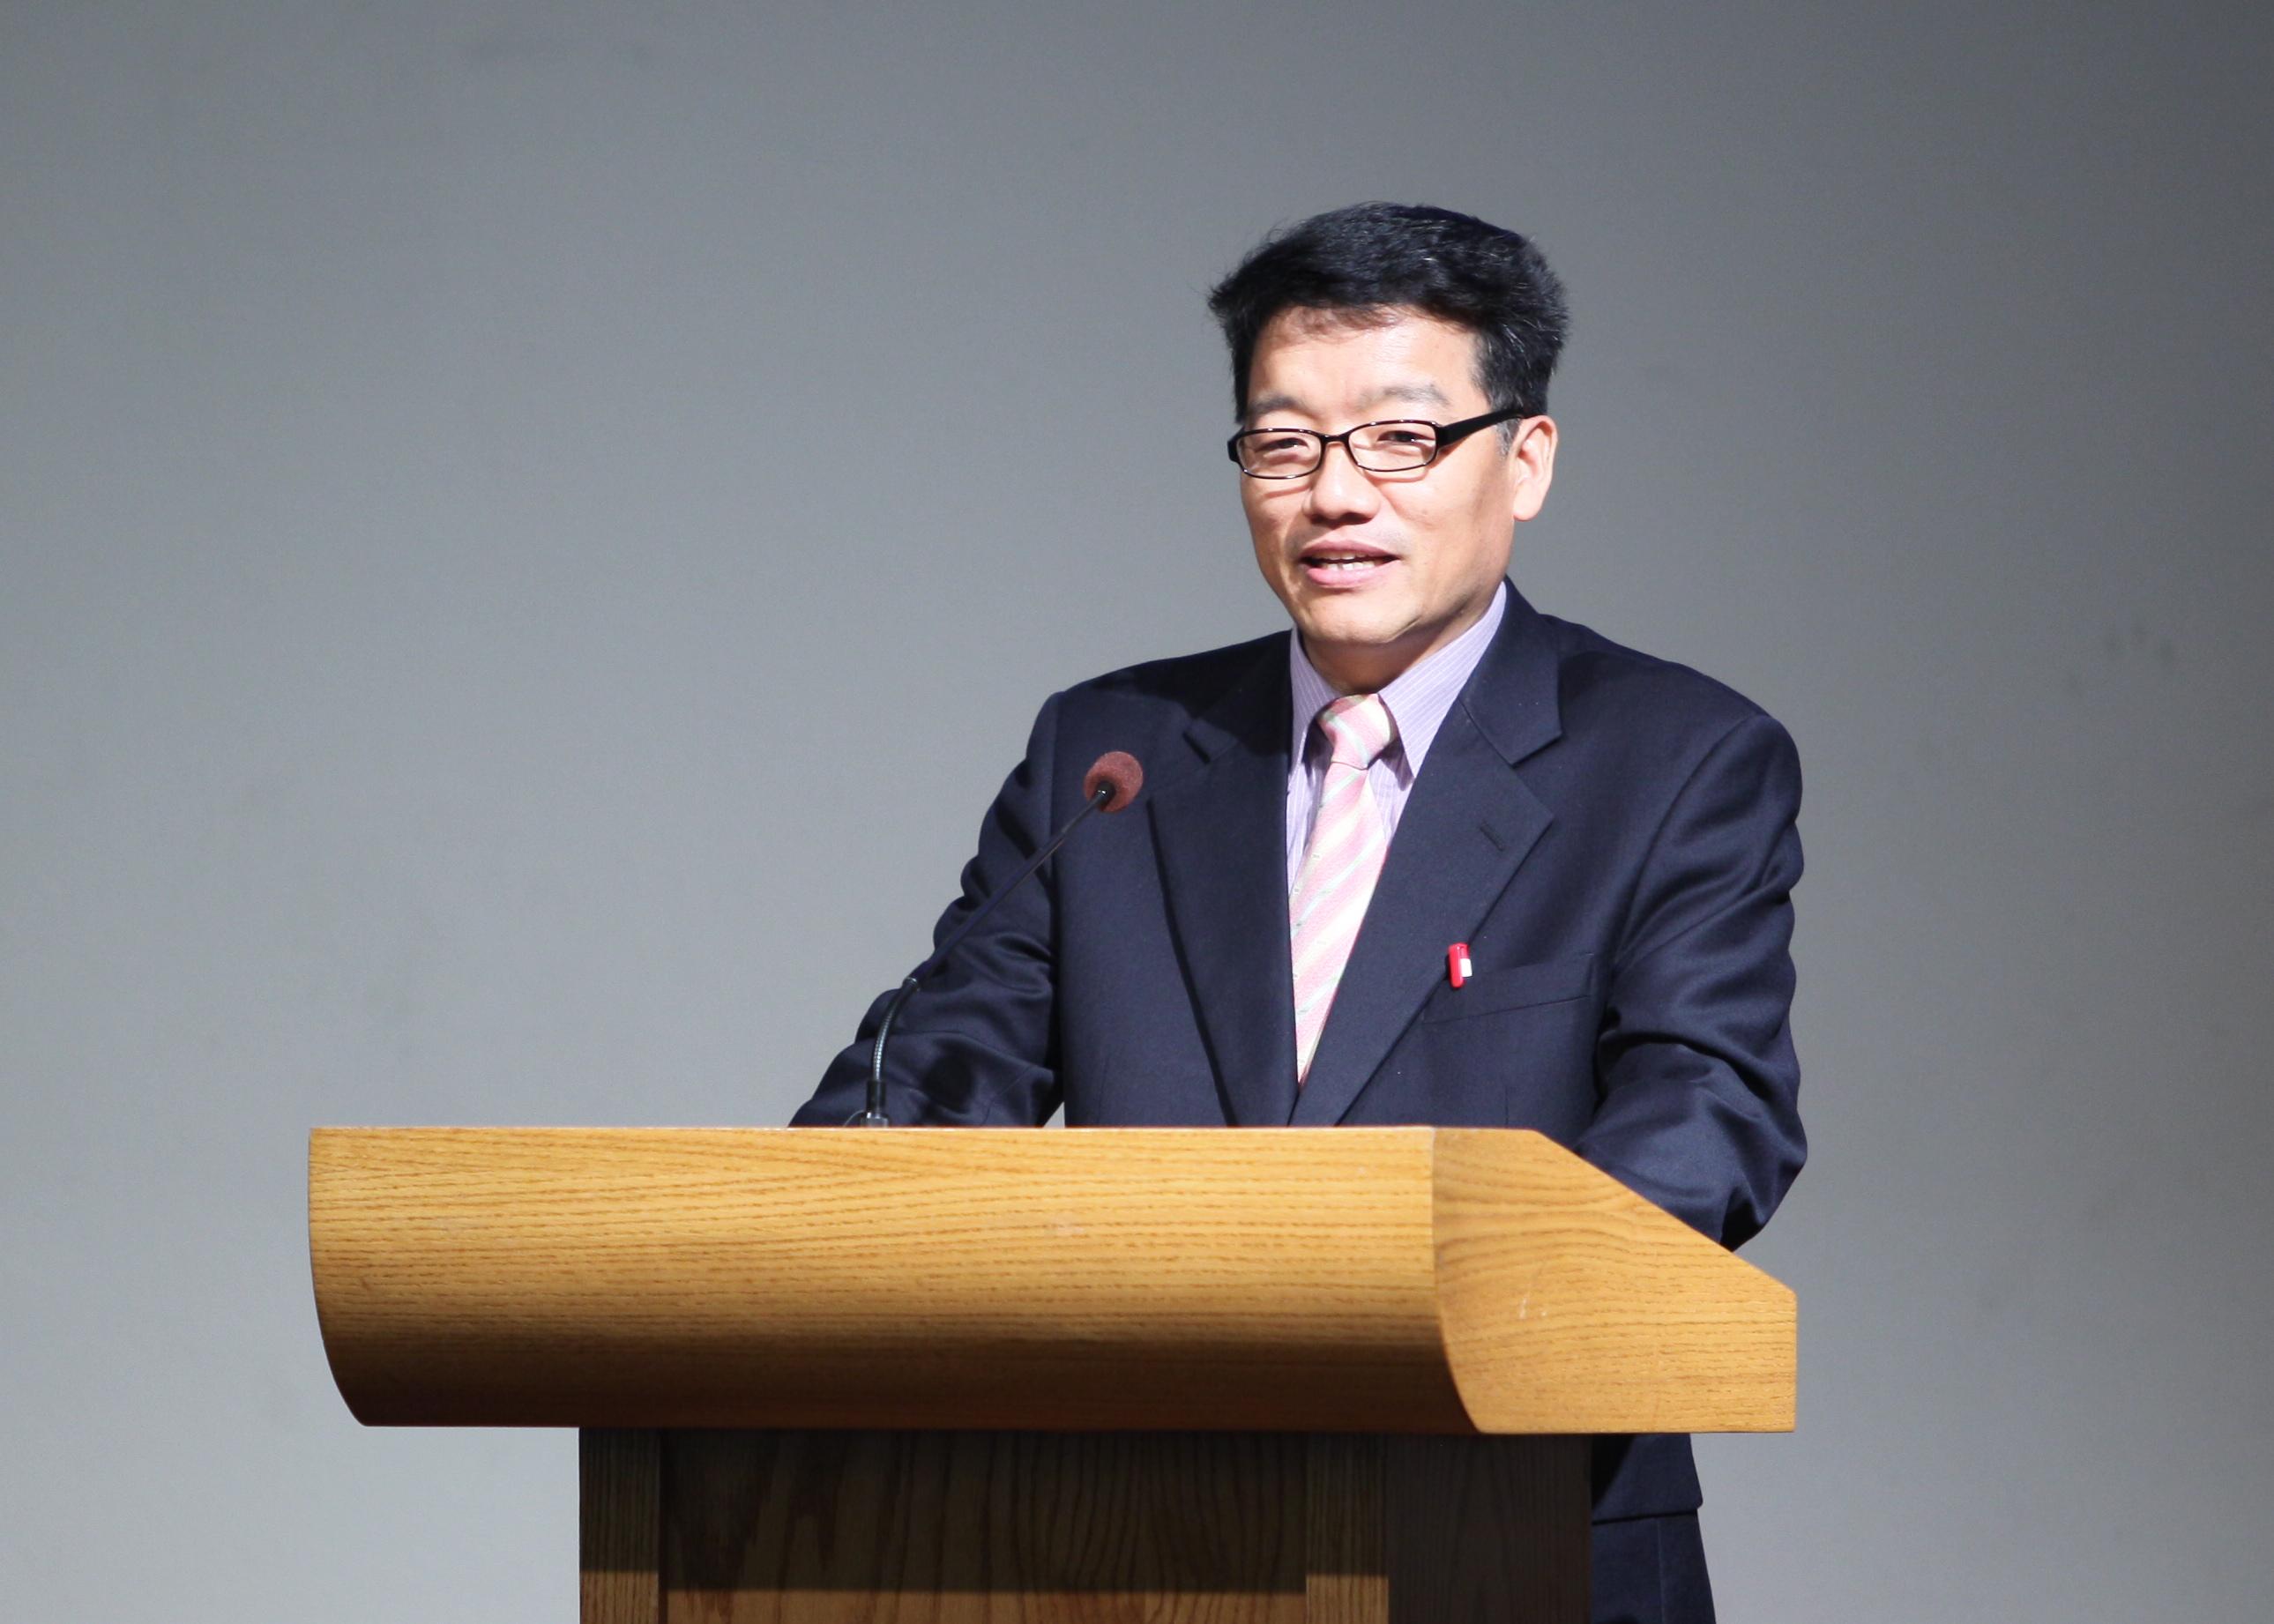 박철현 선교사 (말레이시아)